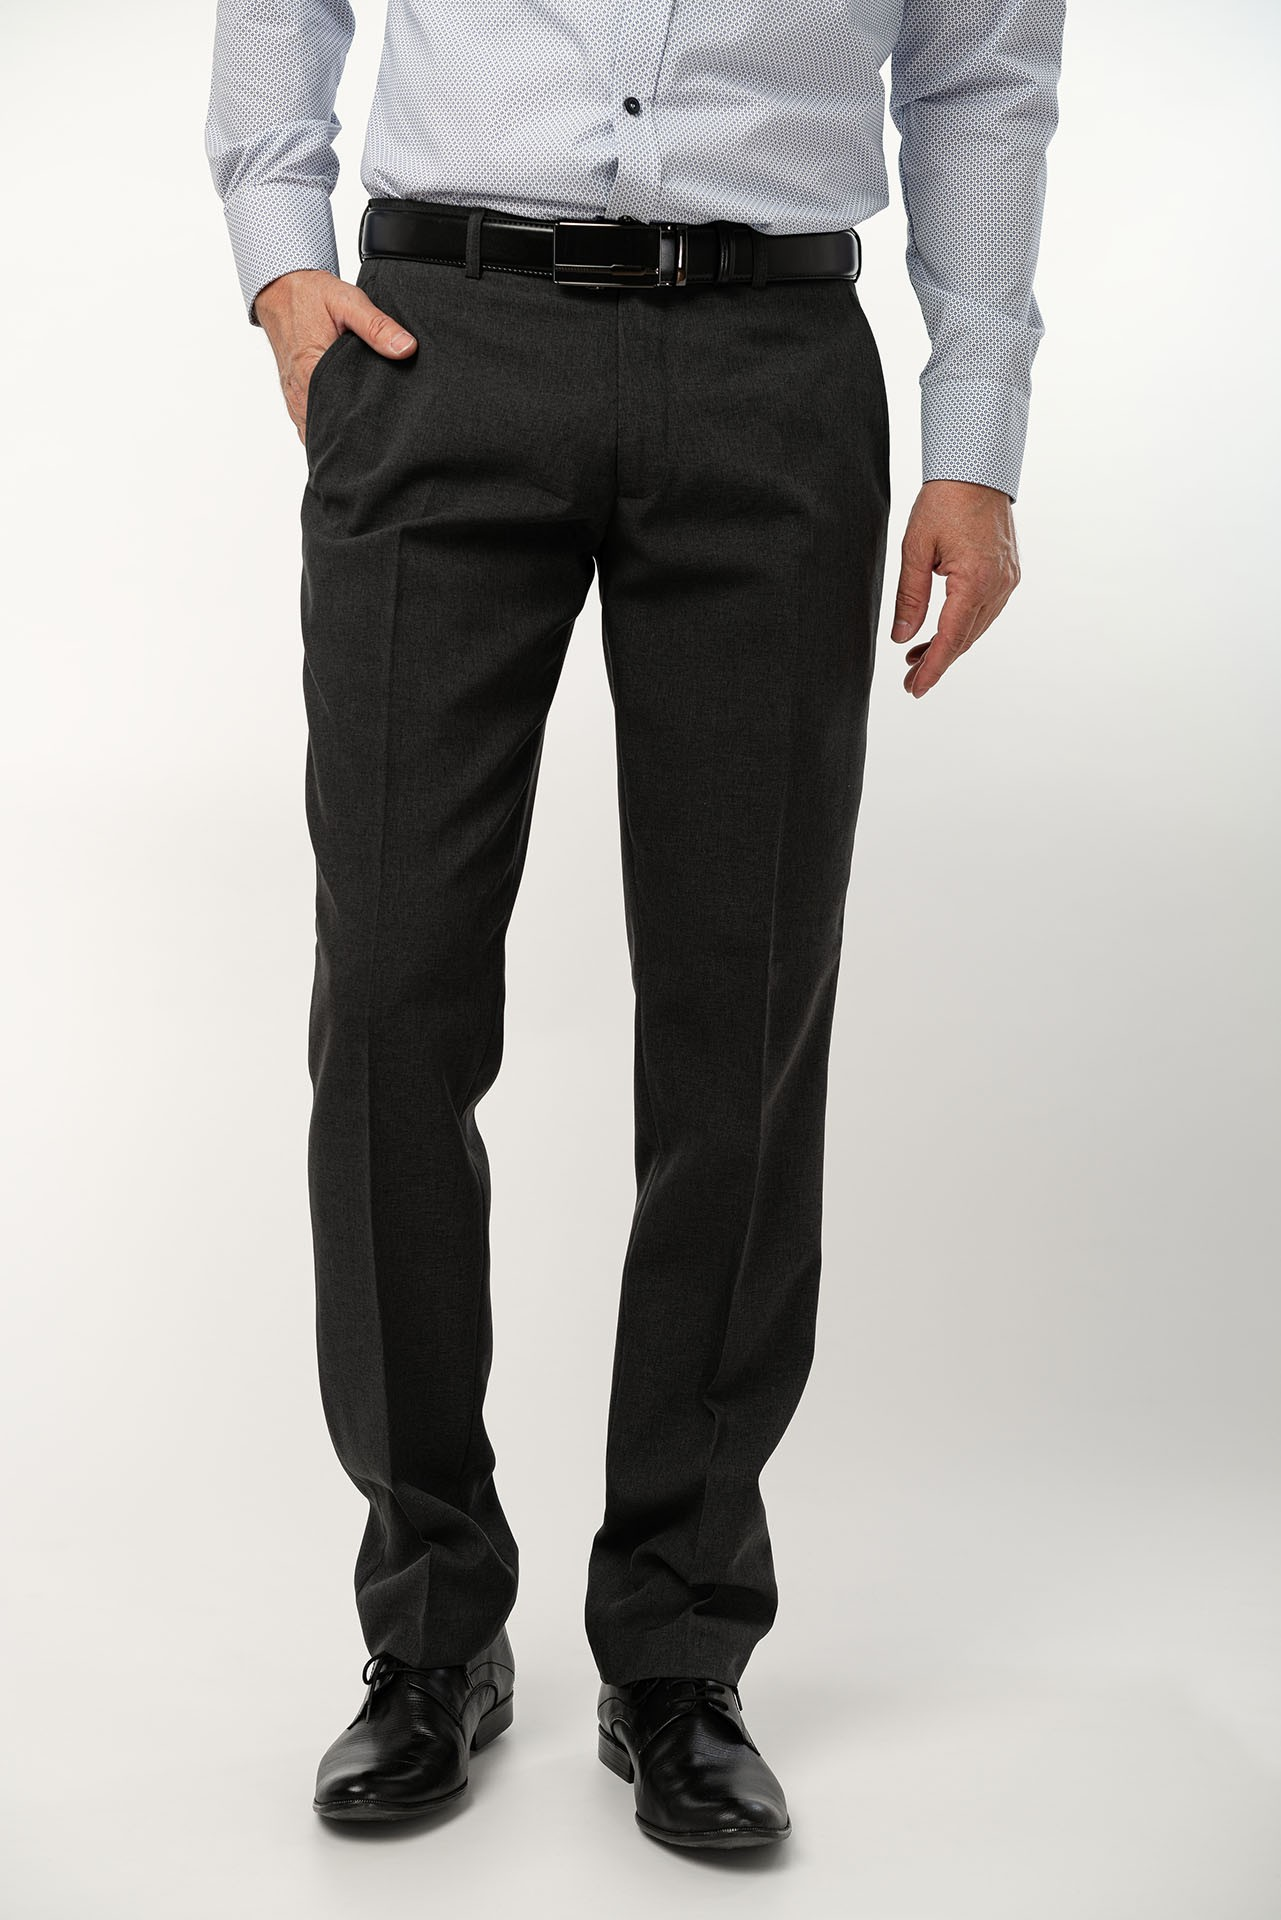 Pánské kalhoty - antracit